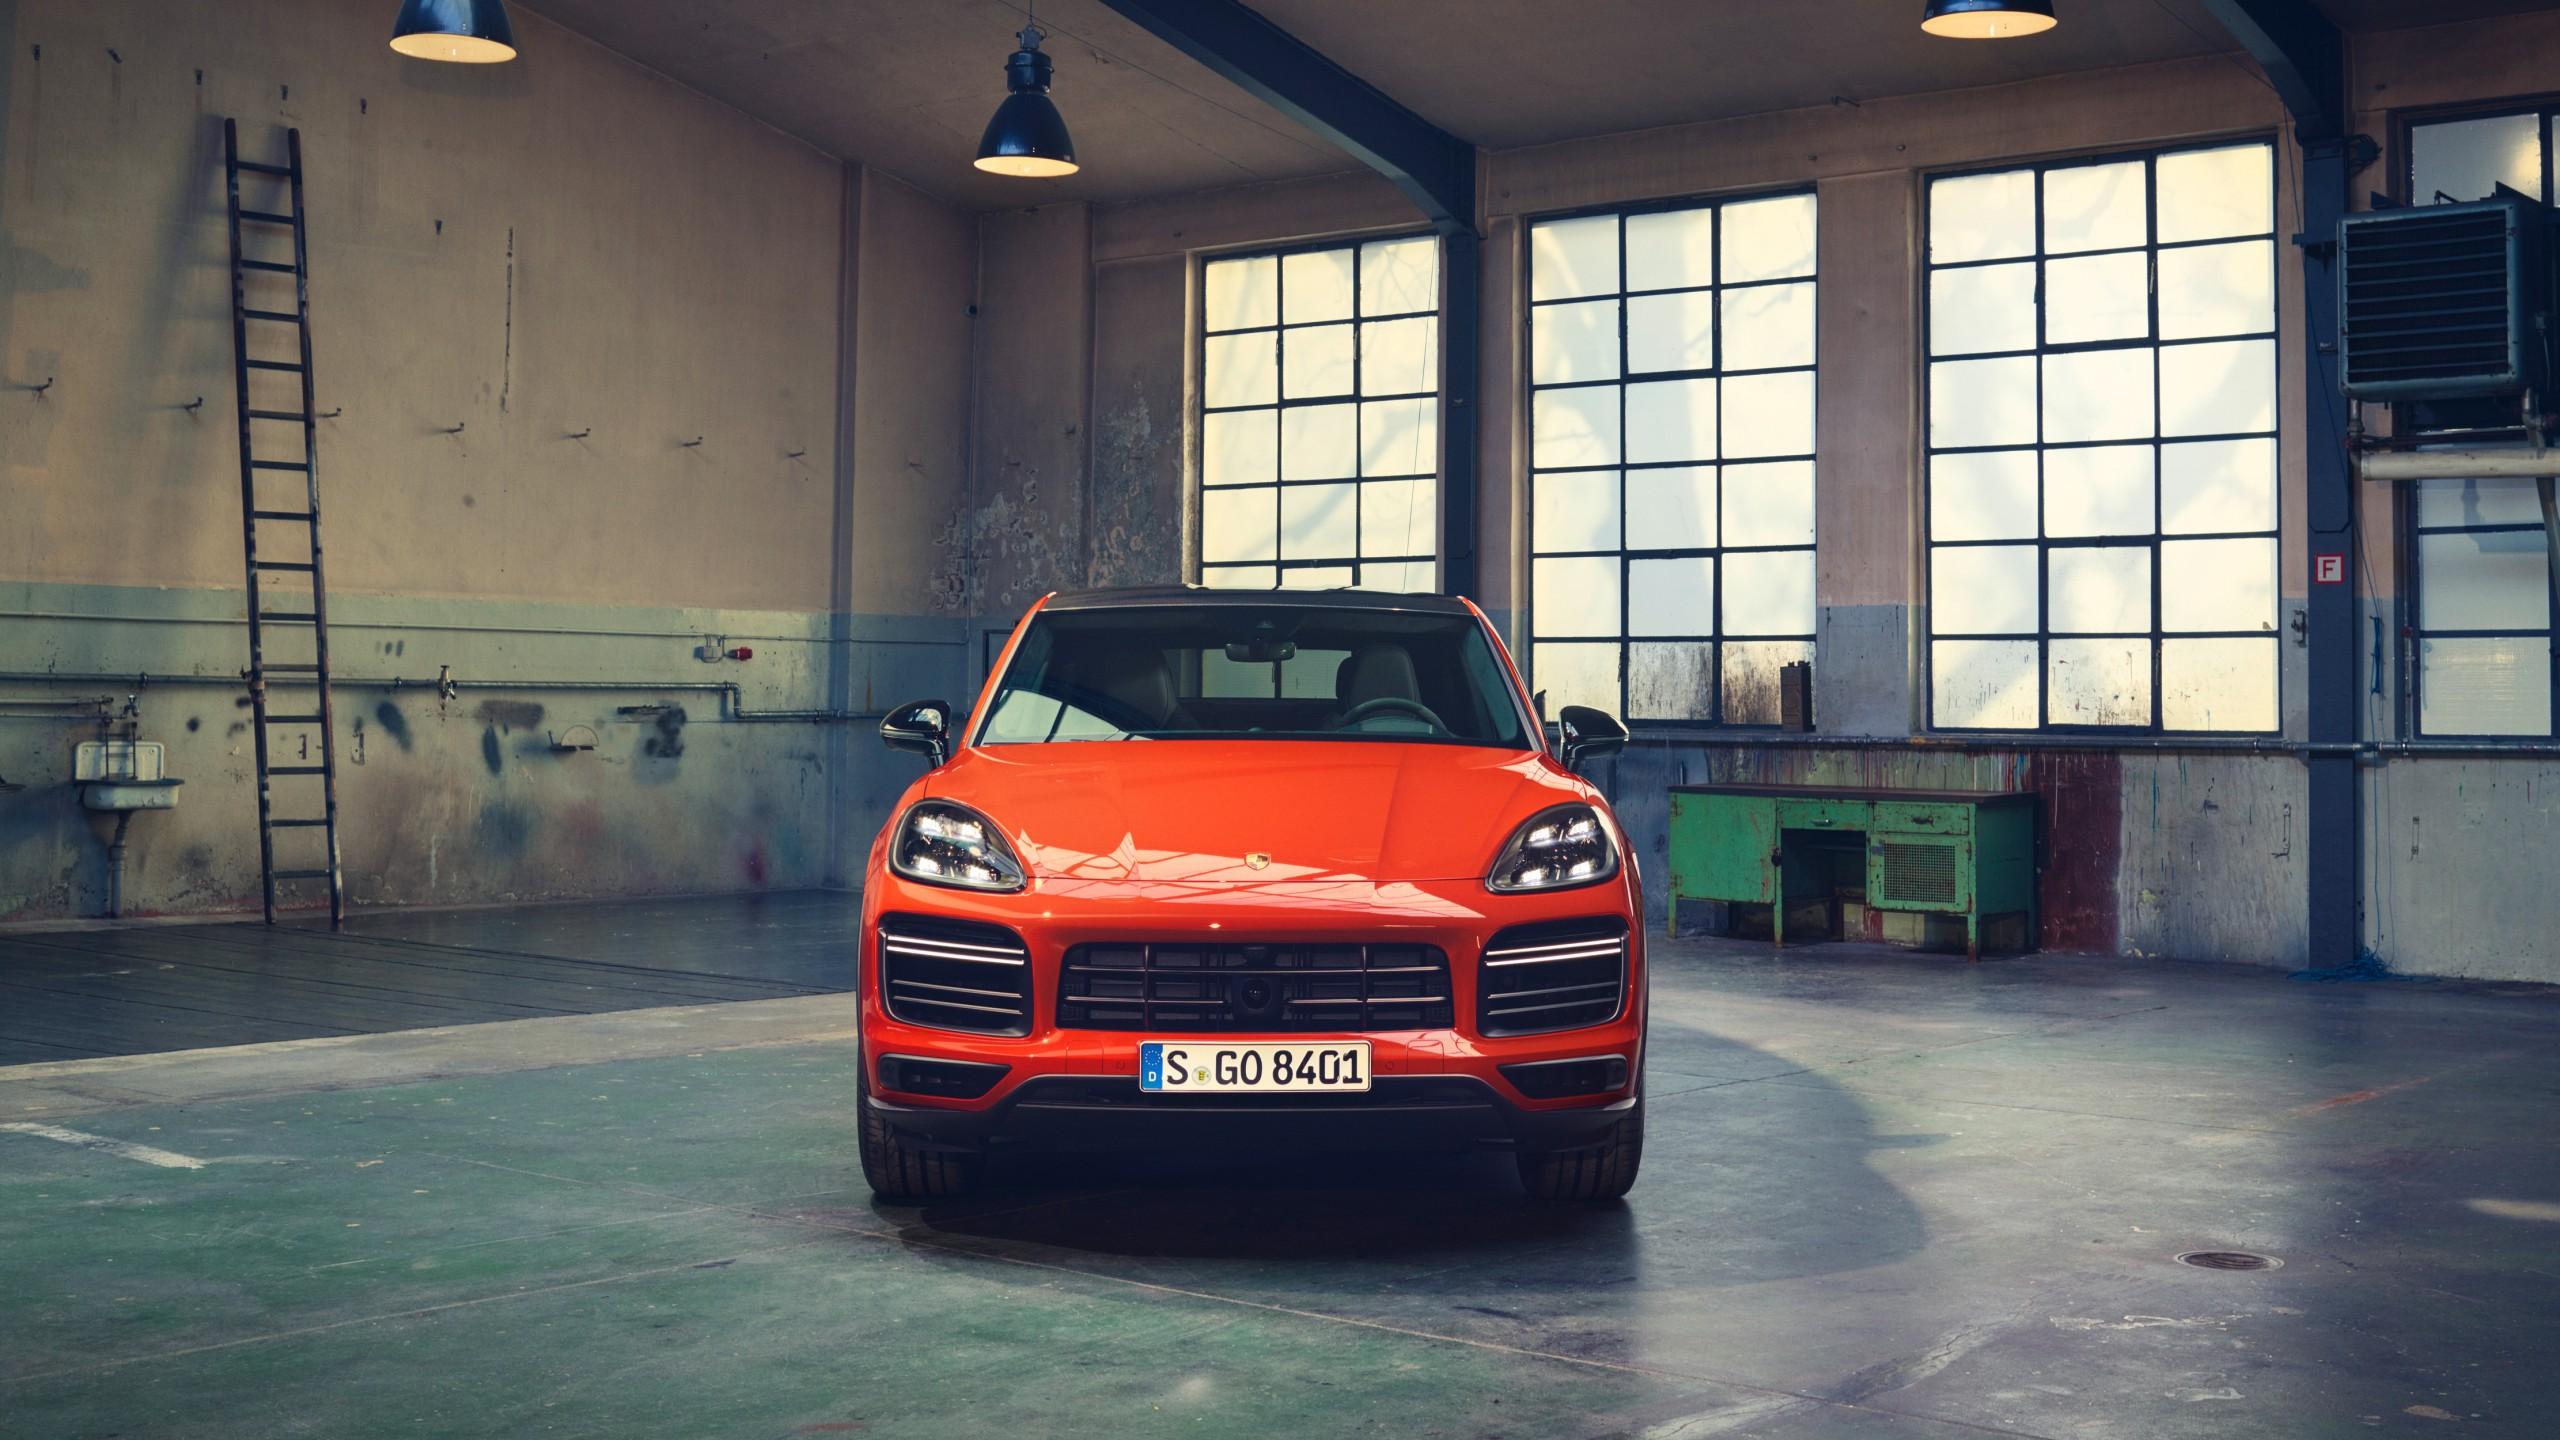 Porsche Cayenne Turbo Coupe 2019 4k Wallpaper Hd Car